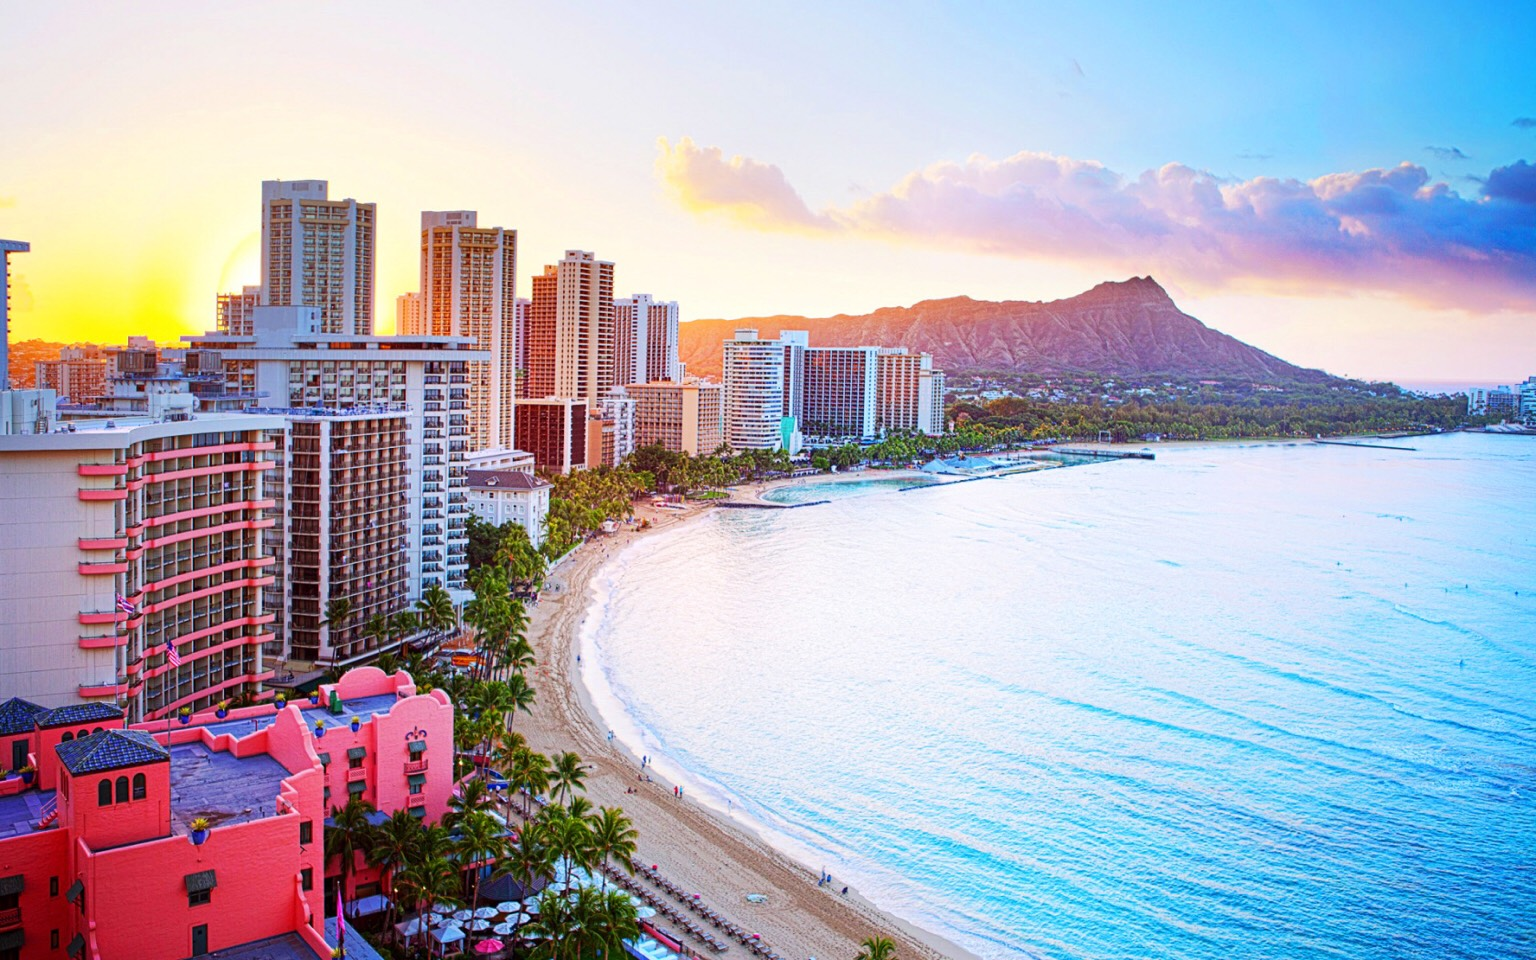 Waikiki Beach 😎😎😍😍